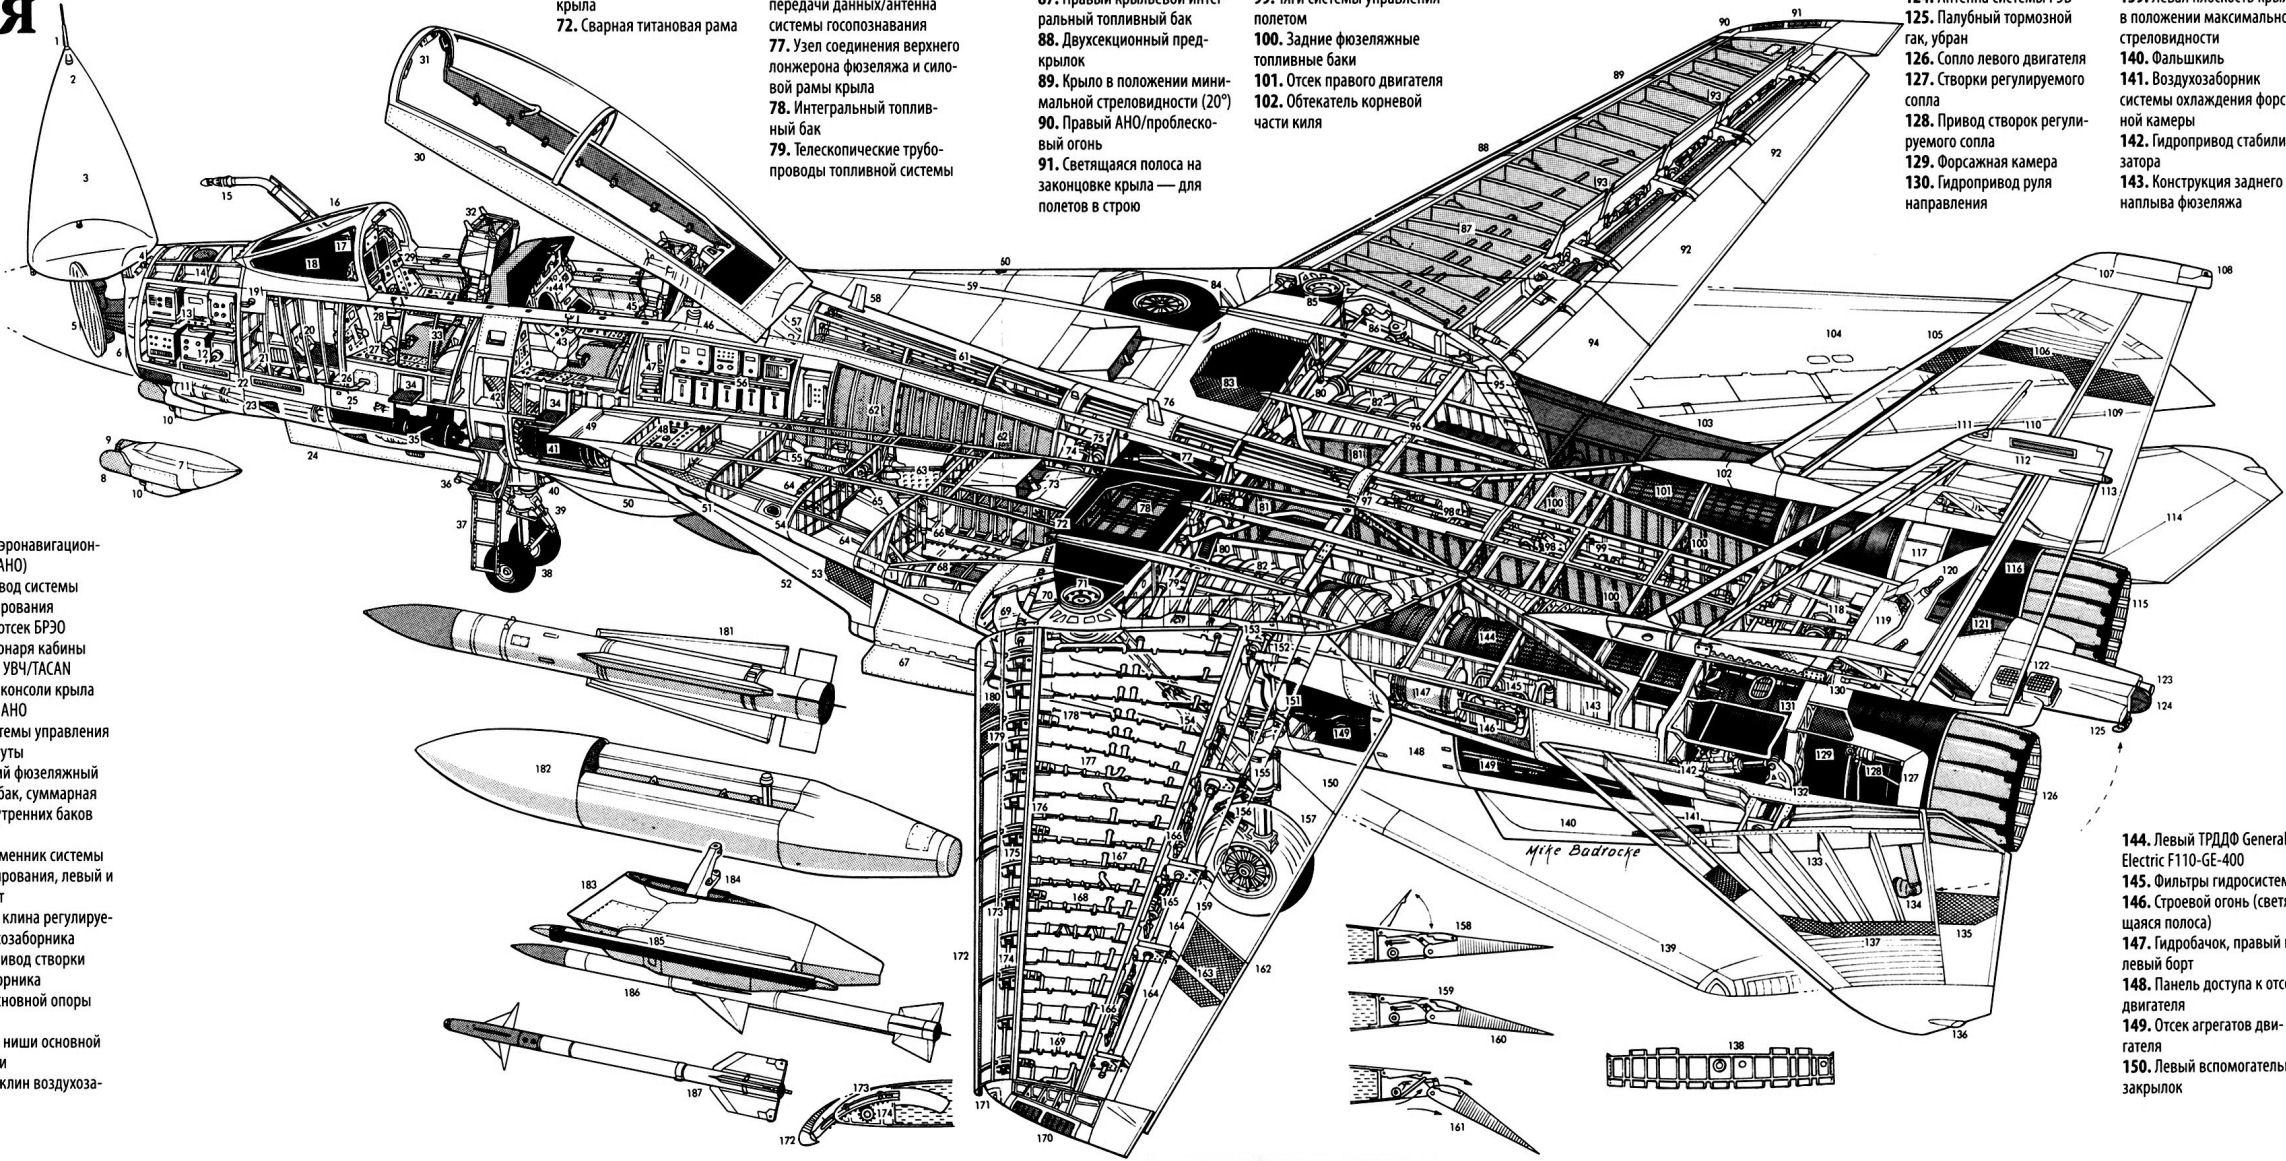 F-14 U0026 39 S